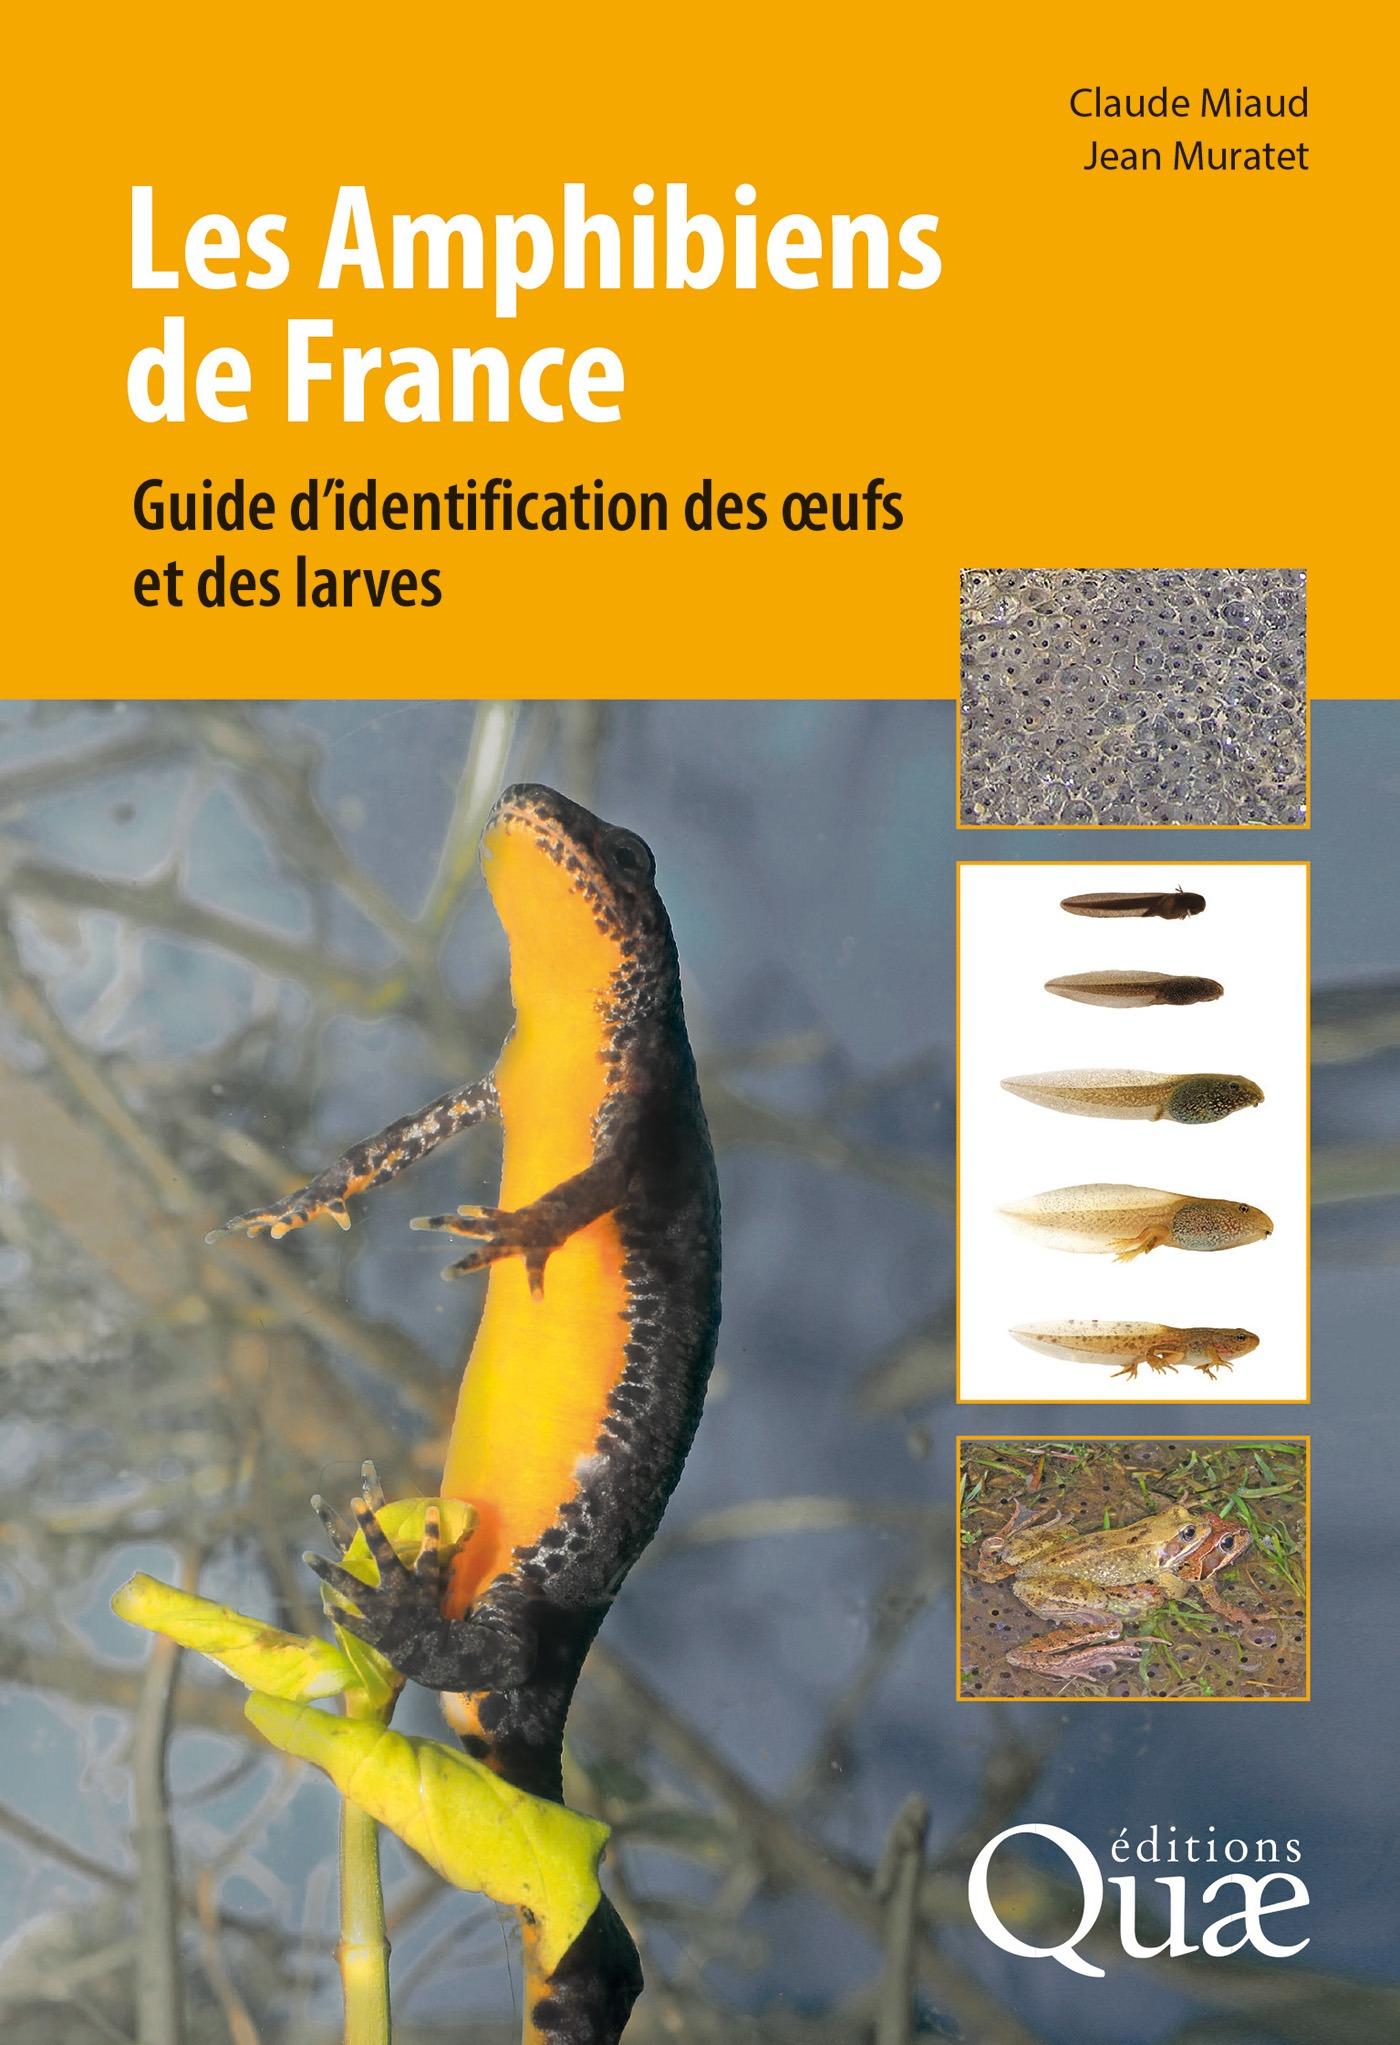 Les Amphibiens de France